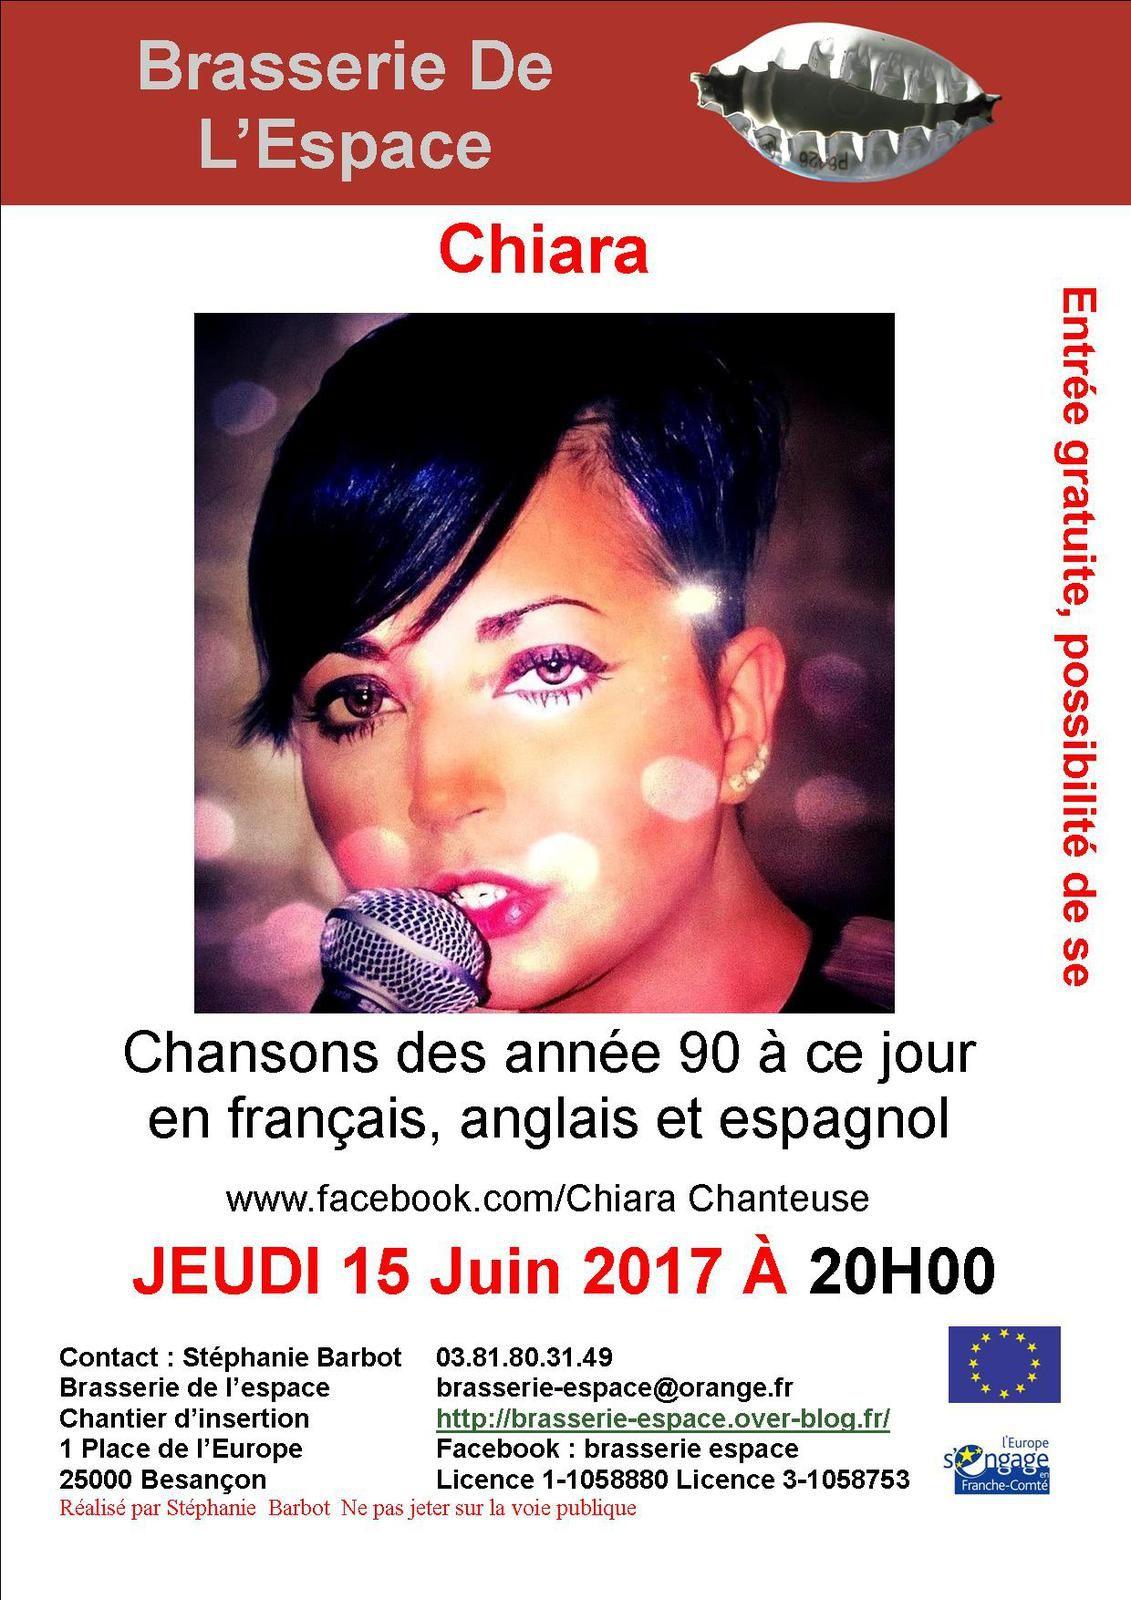 Chiara 20h00 jeudi 15 juin 2017